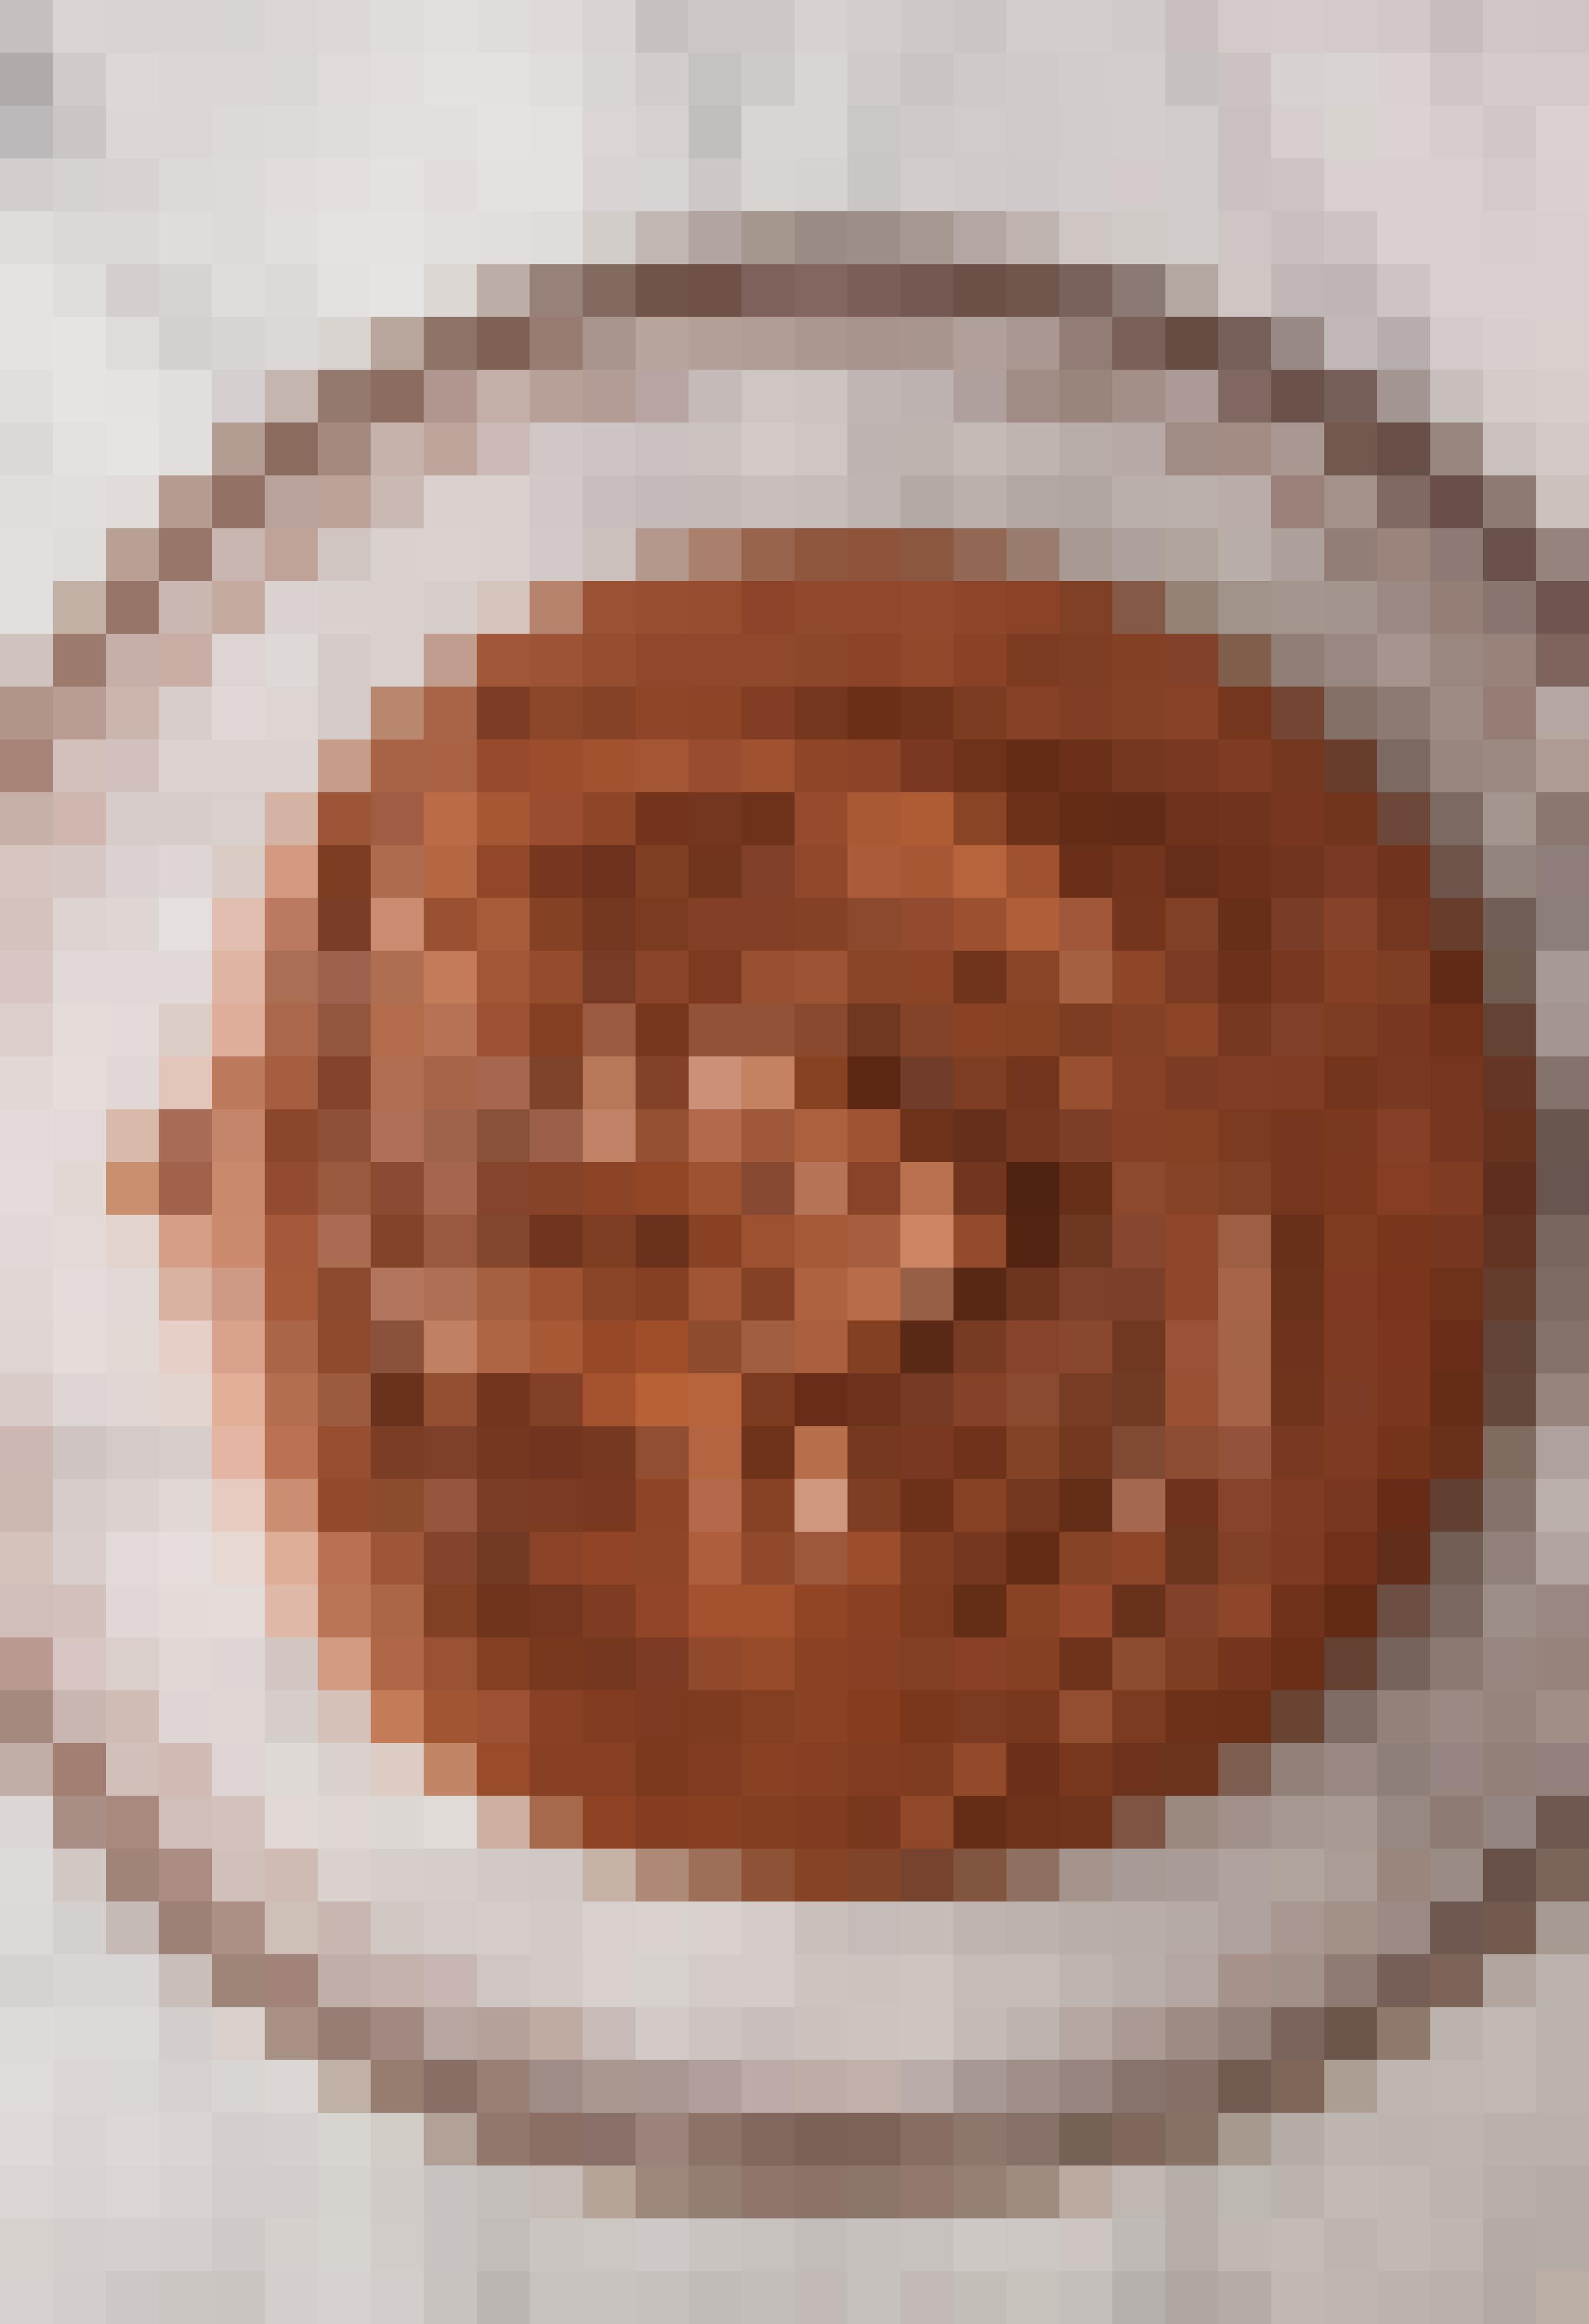 How To Make Halloween Pumpkin Cookies: gallery image 4